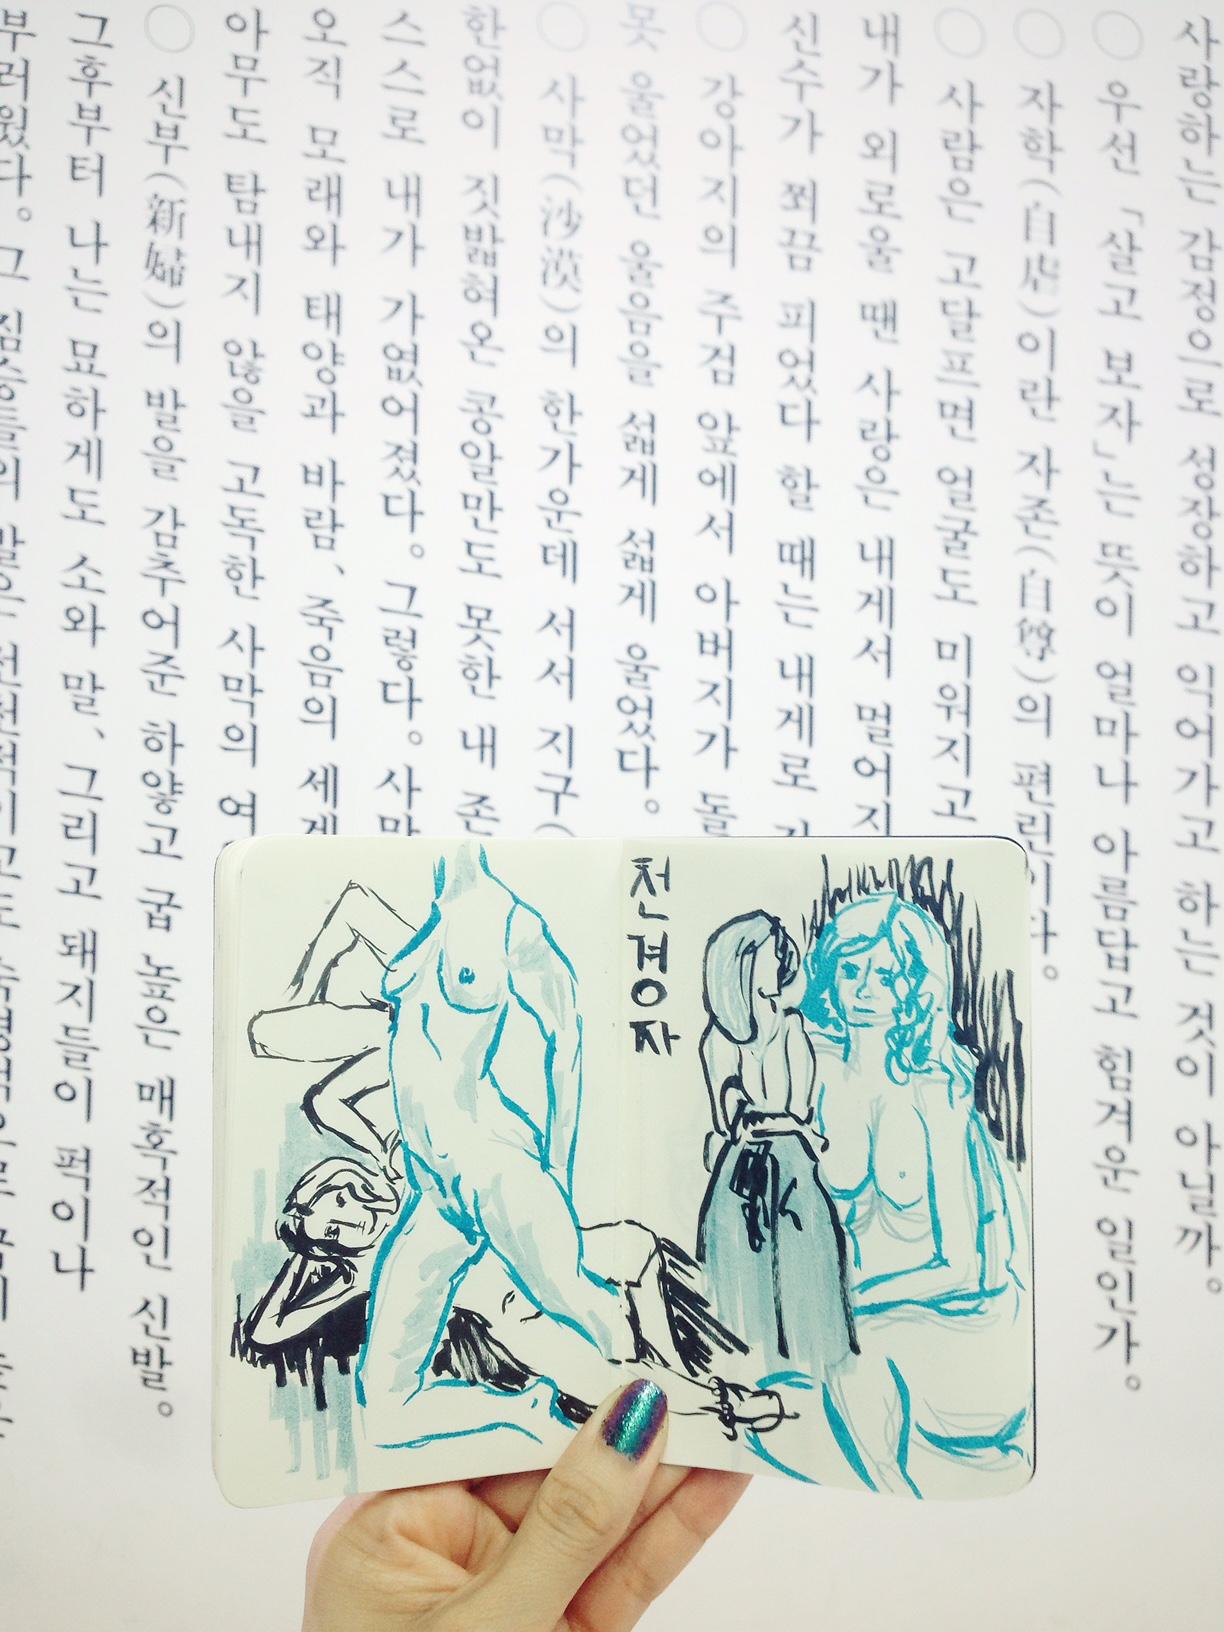 Museum Visits in Seul